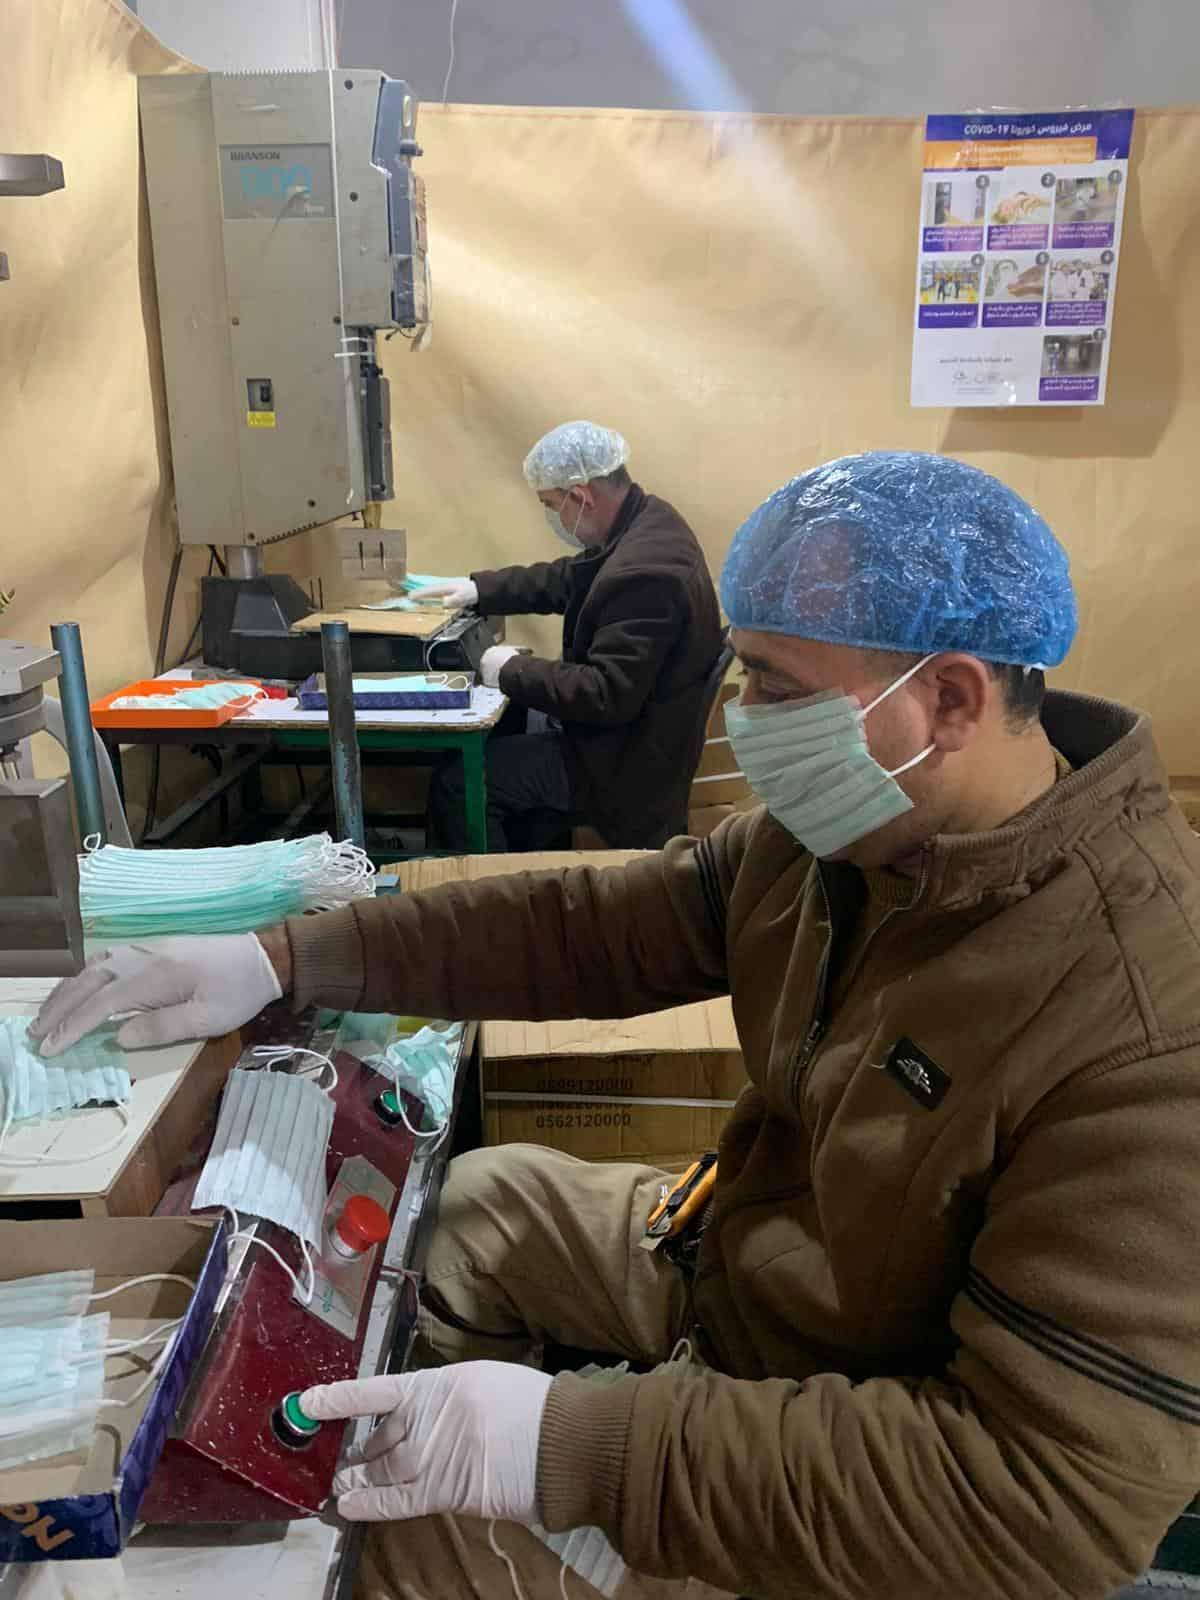 פועלים במפעל בחברון מייצרים מסכות לפלסטינים בגדה המערבית (צילום: באדיבות אחמד זוע'ייר)